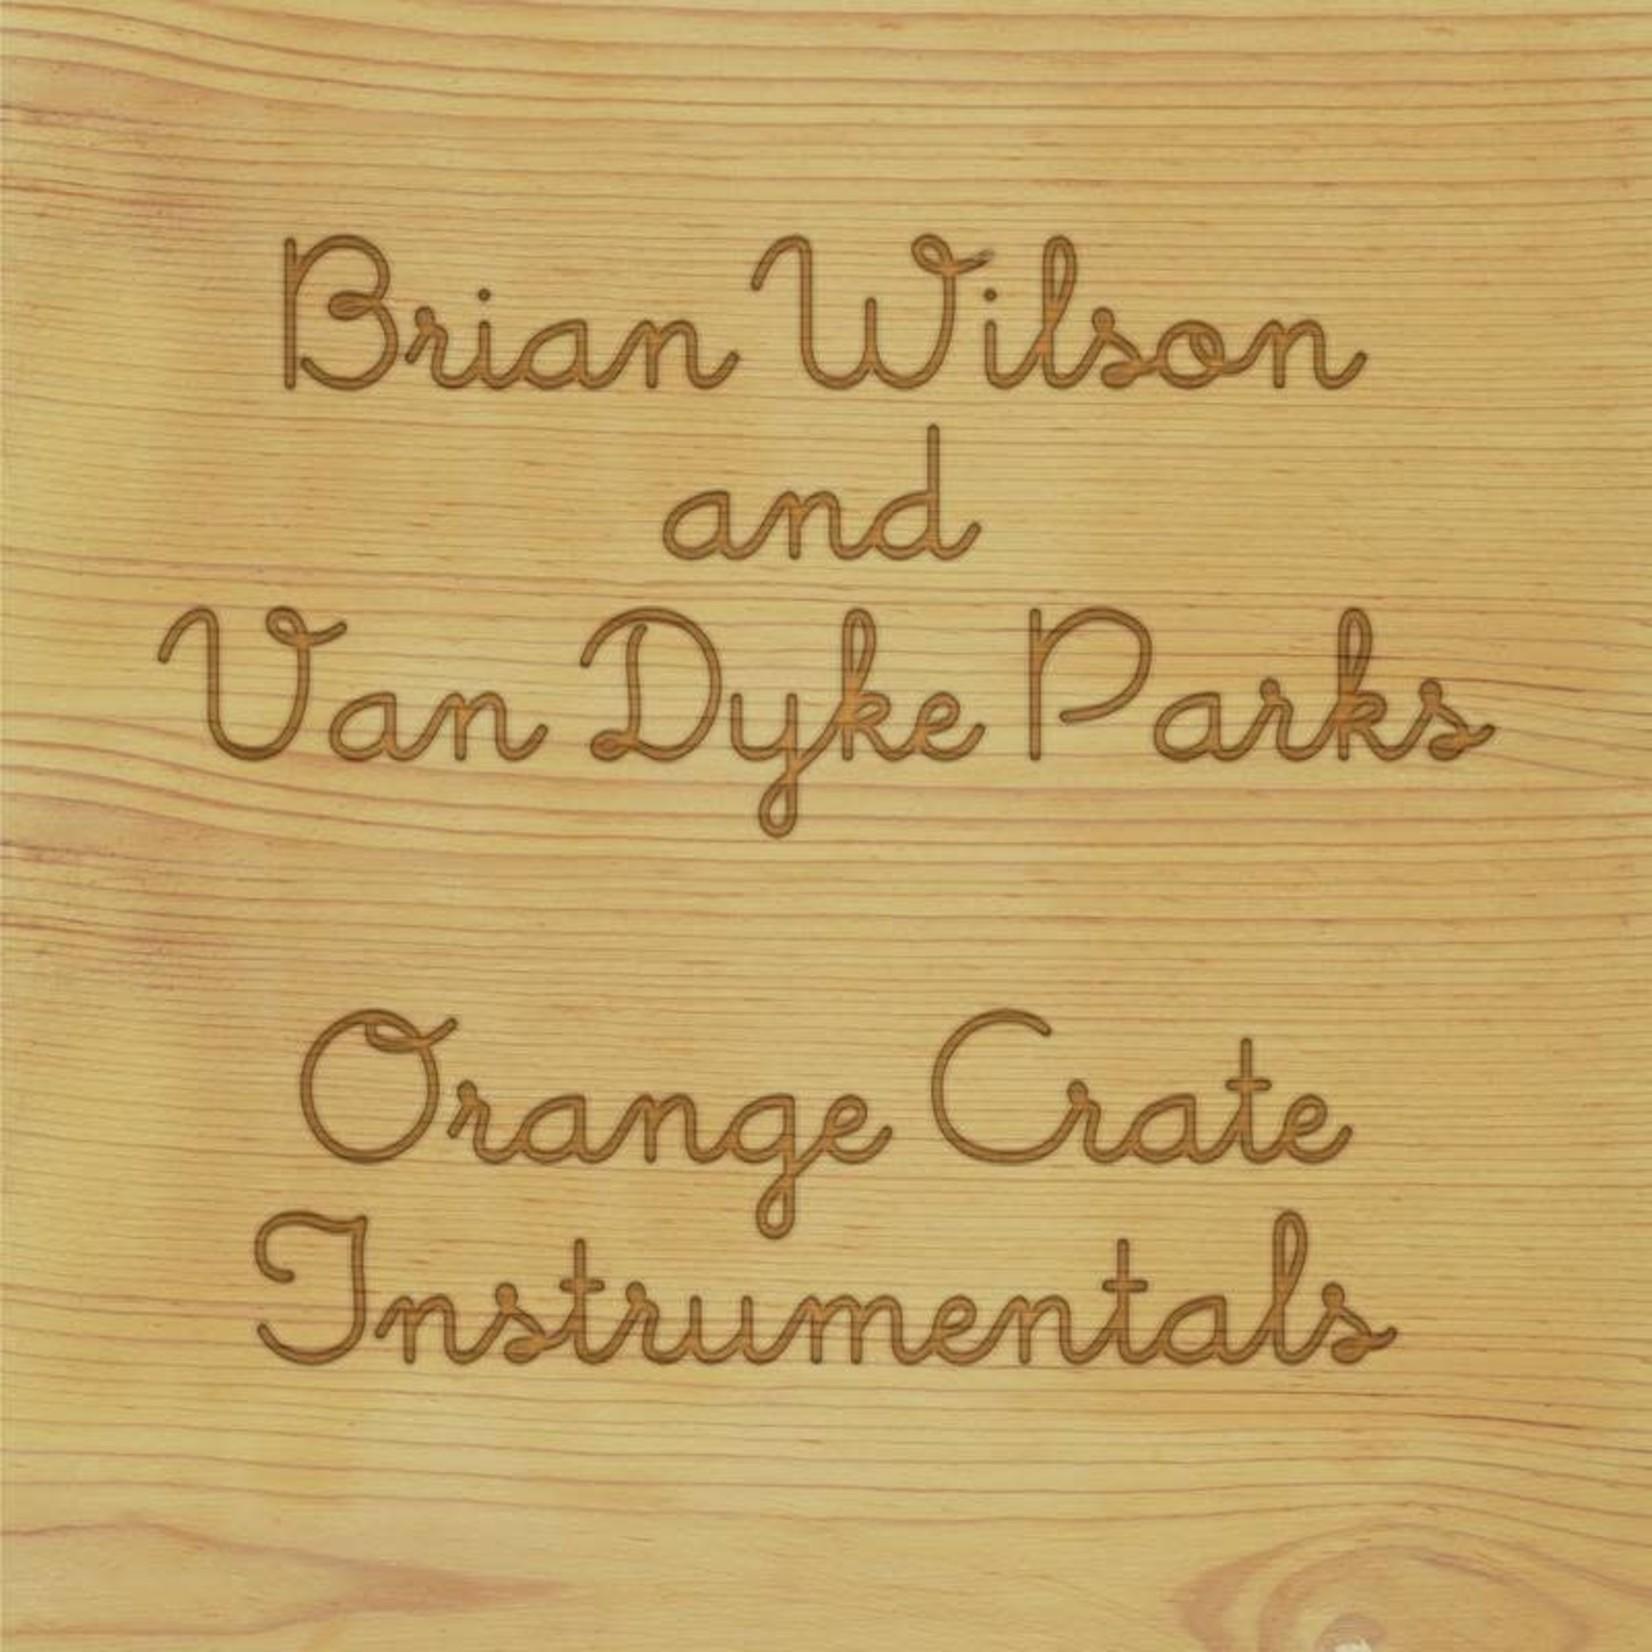 BRIAN WILSON BF 2020 - ORANGE CRATE INSTRUMENTALS